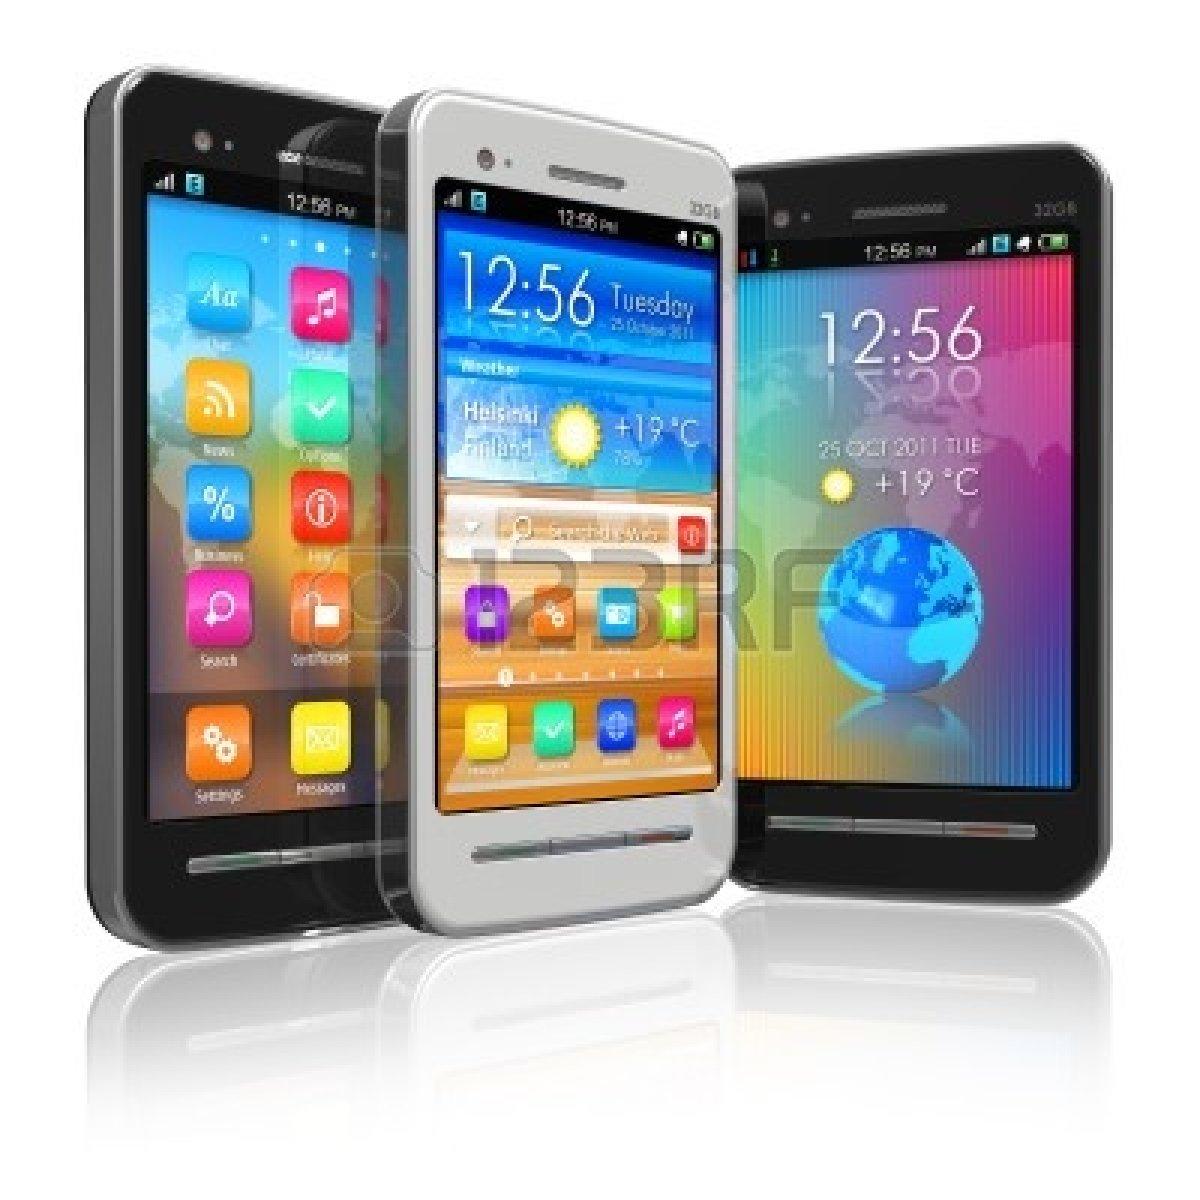 Rapport sur la mobilité : Smartphone la favorite avec 60 % des mobiles vendus au 4e trimestre 2013